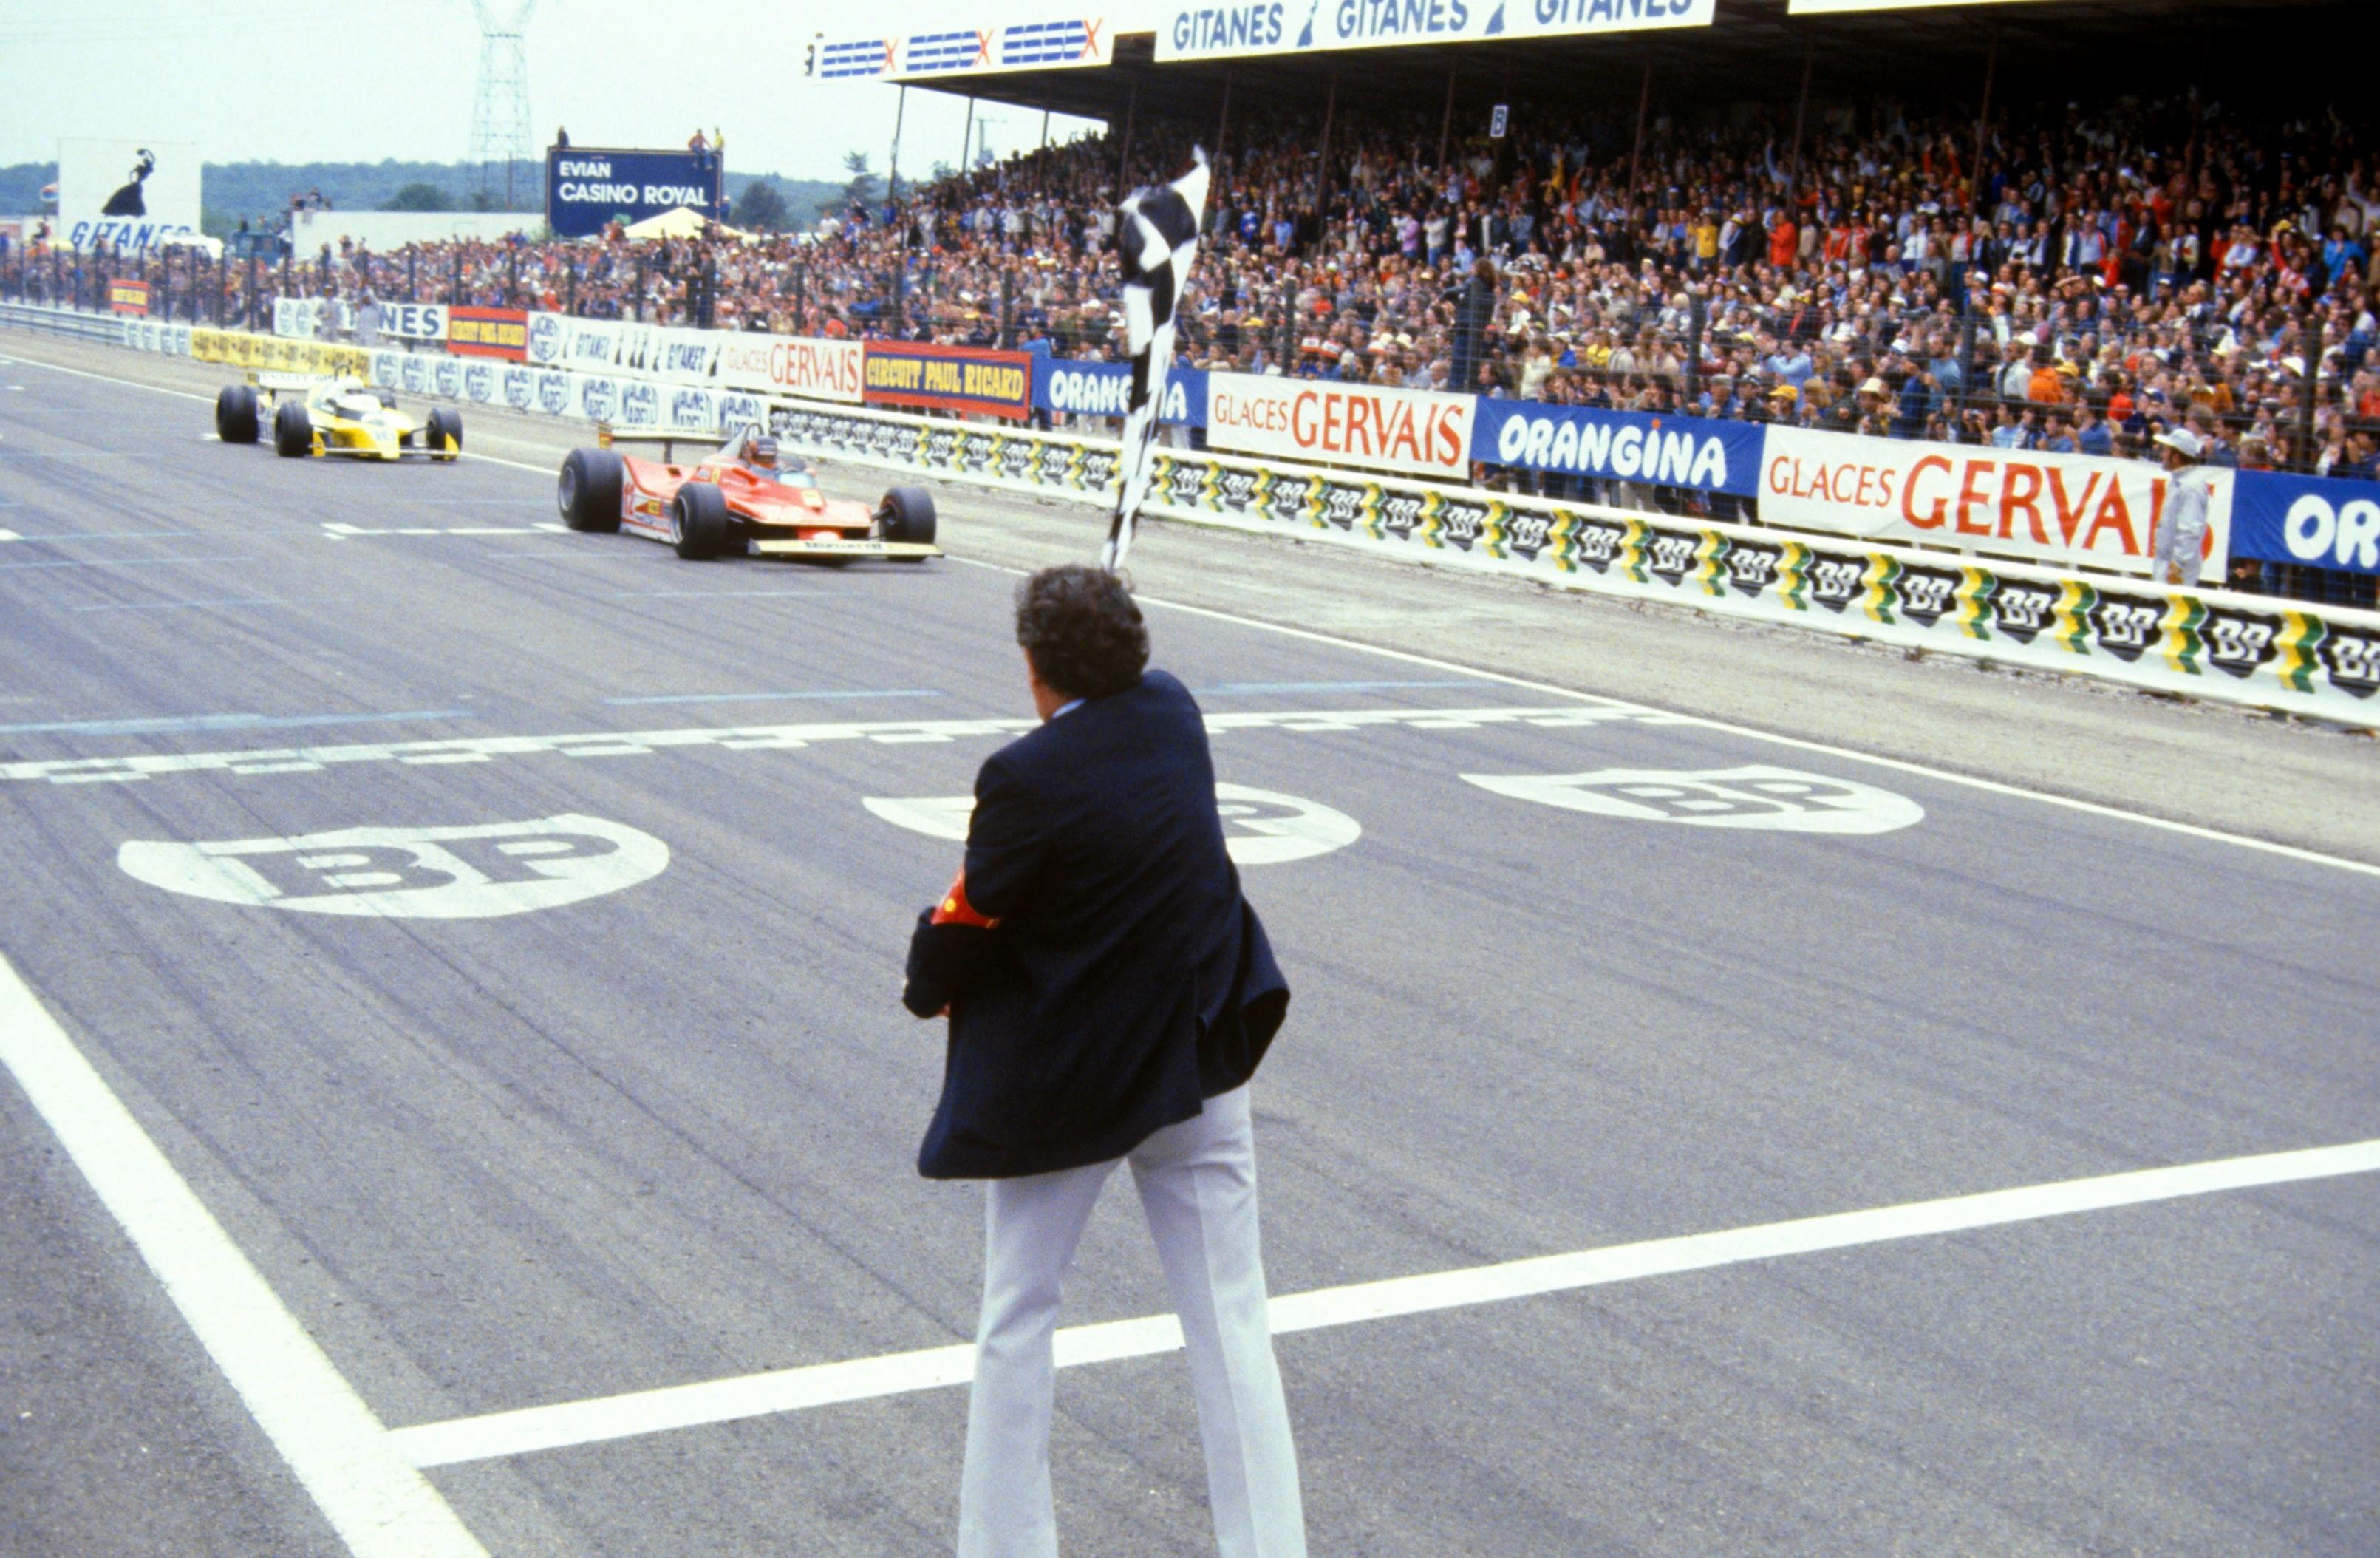 Gilles Villeneuve (Ferrari) et René Arnoux (Renault) au Grand Prix de France 1979